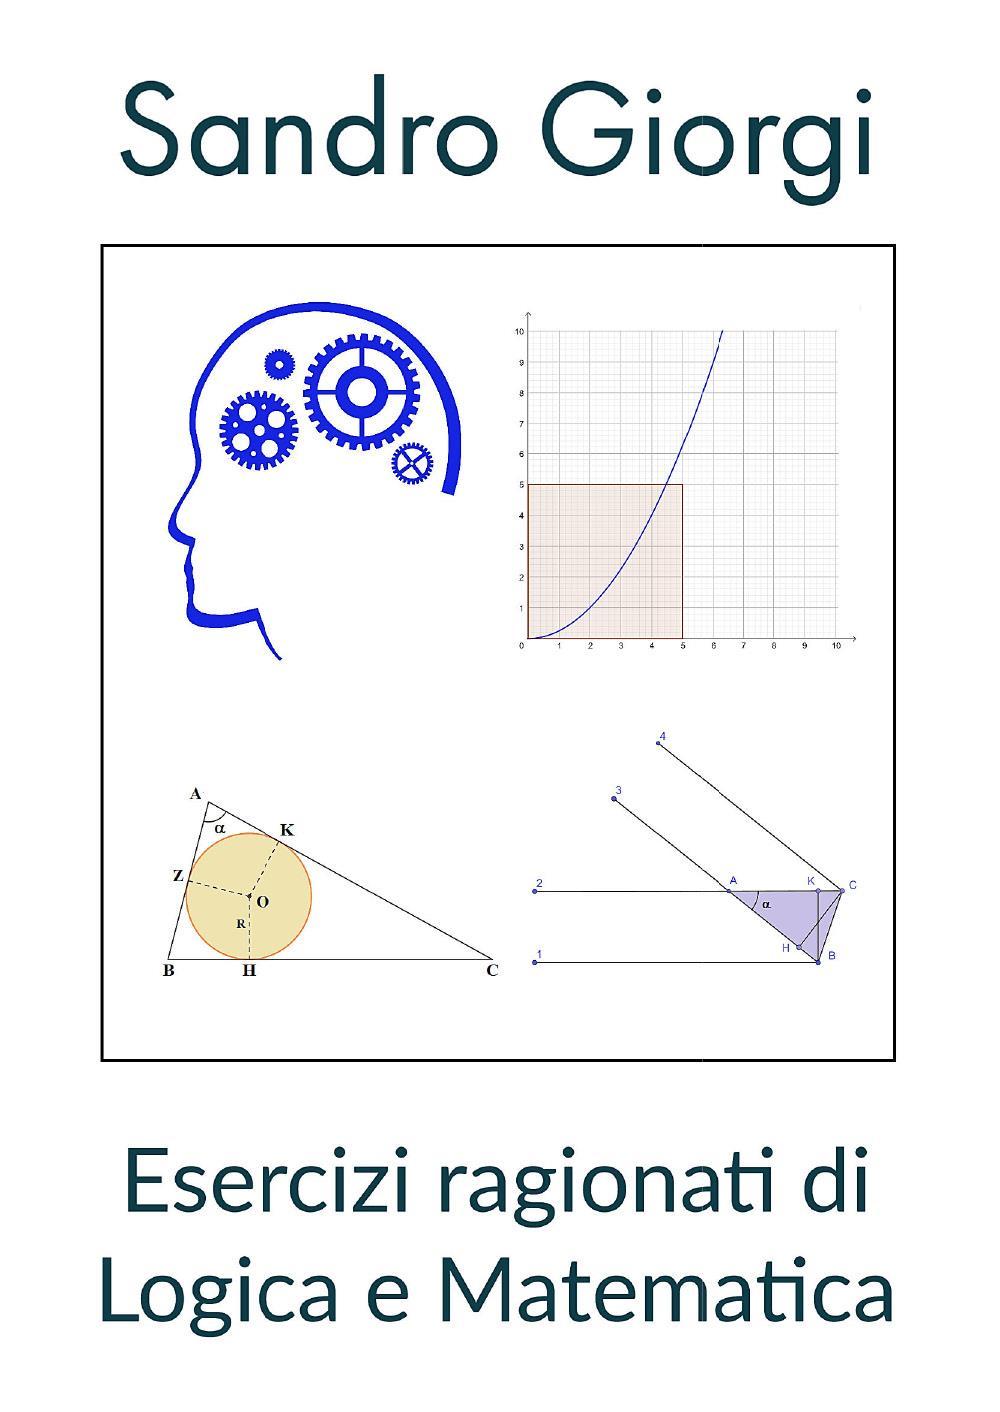 Esercizi ragionati di Logica e Matematica